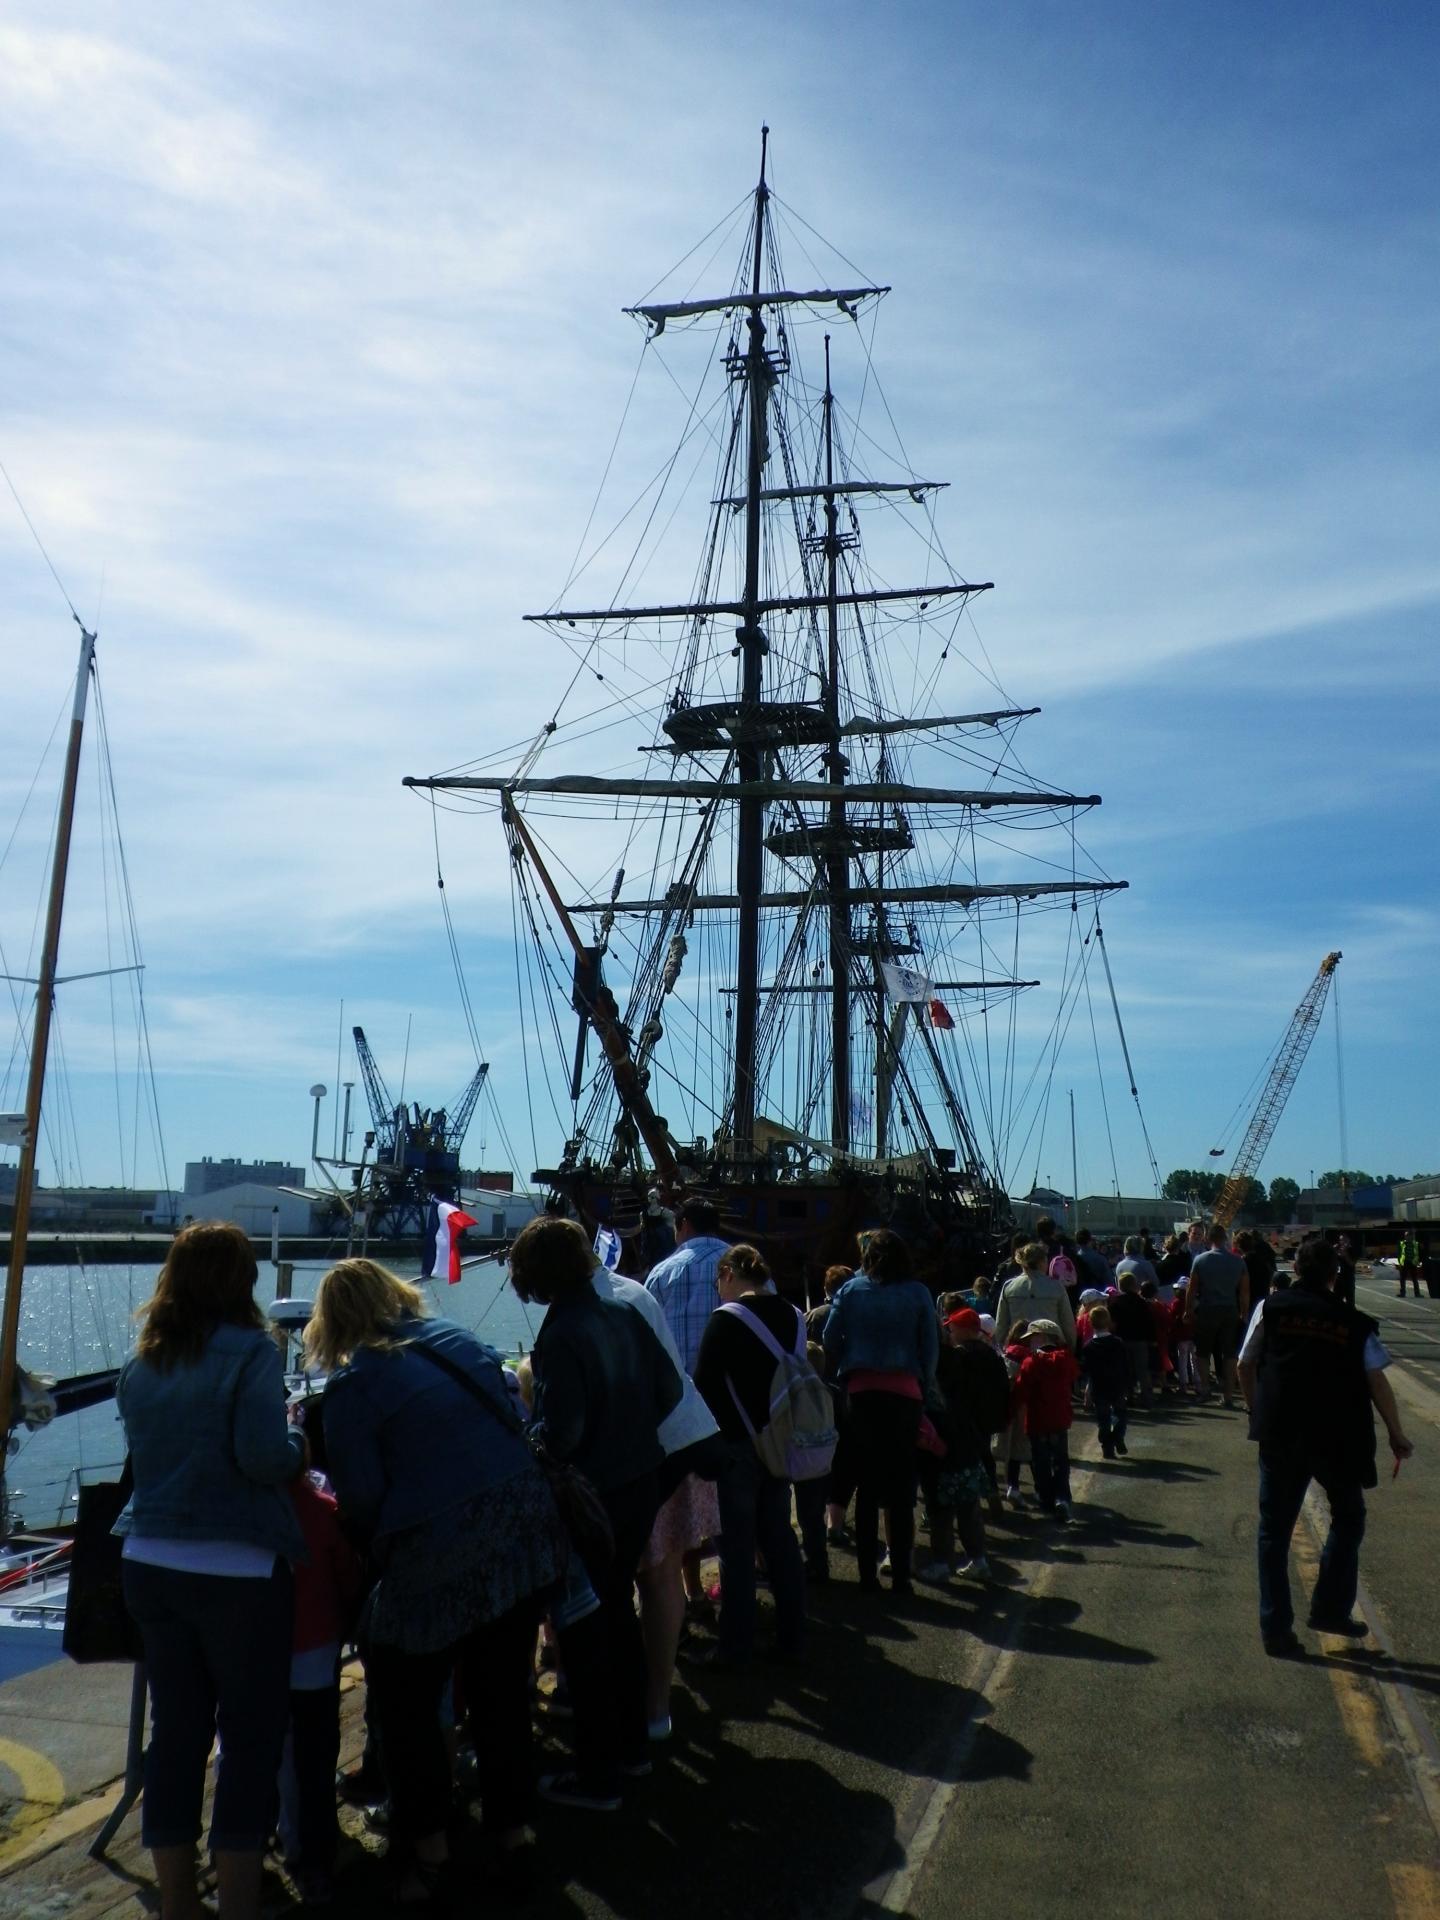 Calais fete maritime la visite des bateaux